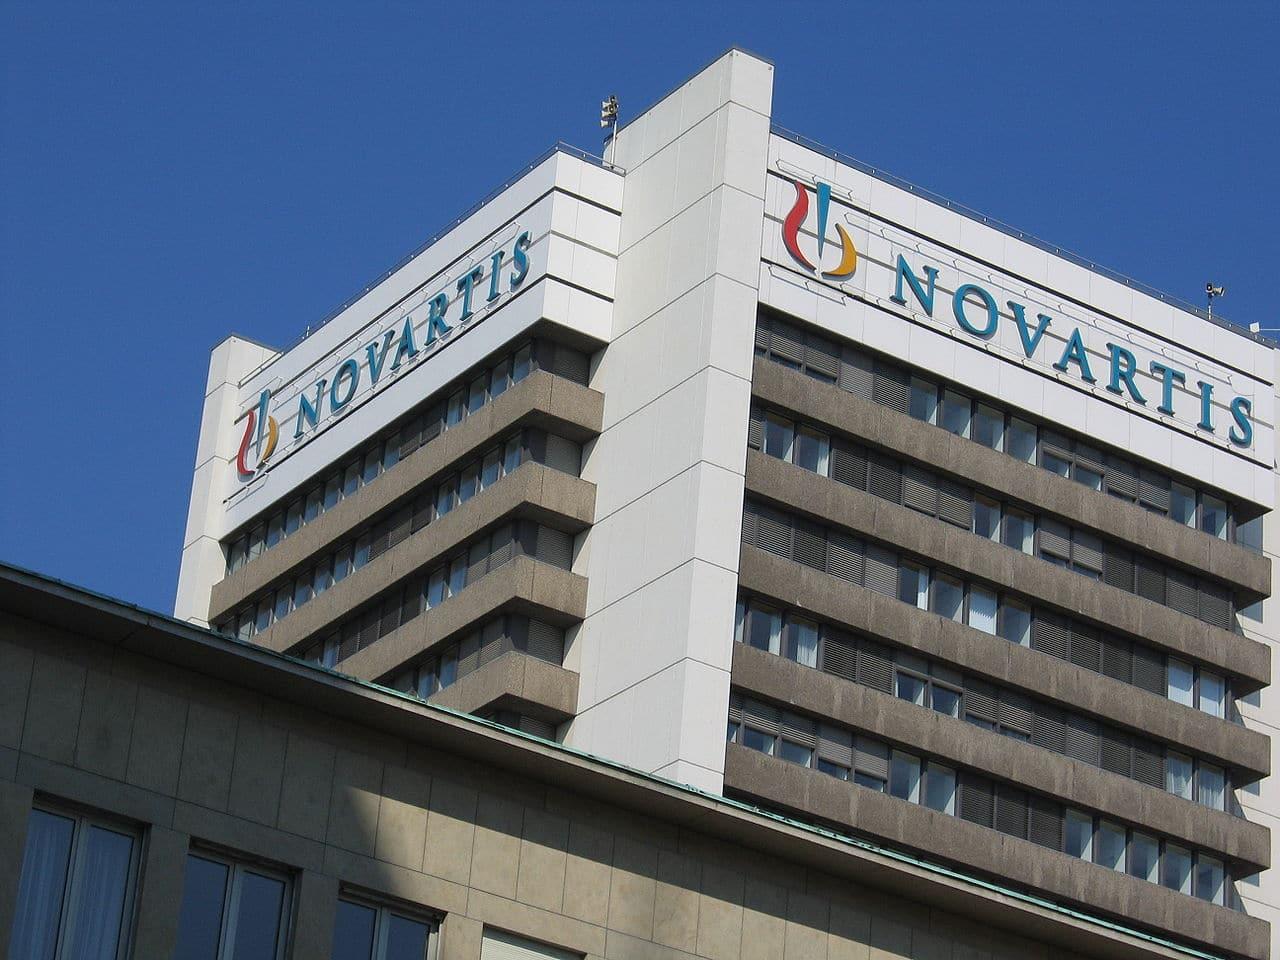 Comprare azioni Novartis e quotazione in tempo reale